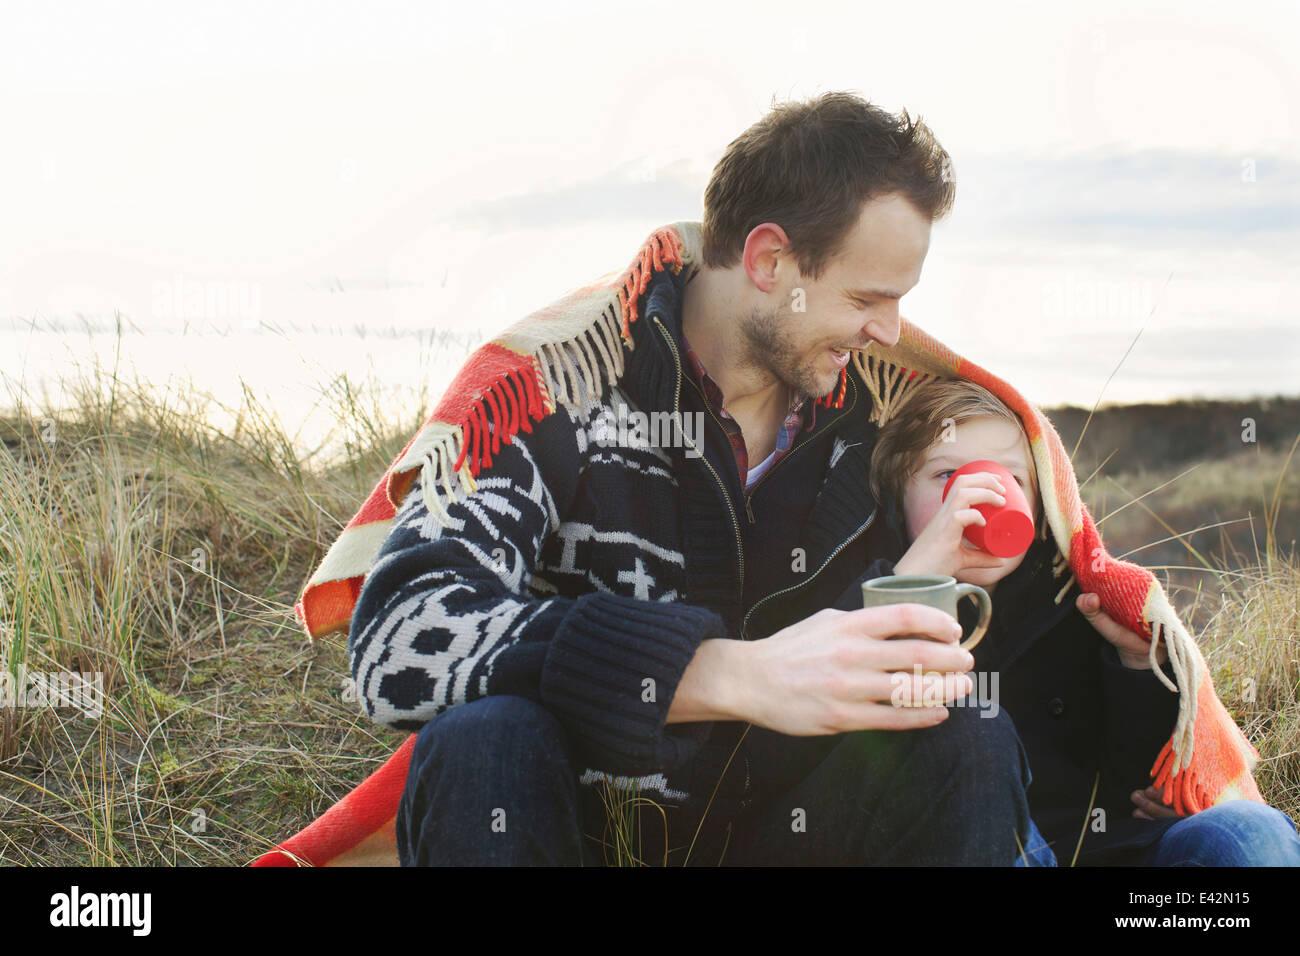 Smiling young man et fils enveloppés de couverture sur les dunes de sable Photo Stock